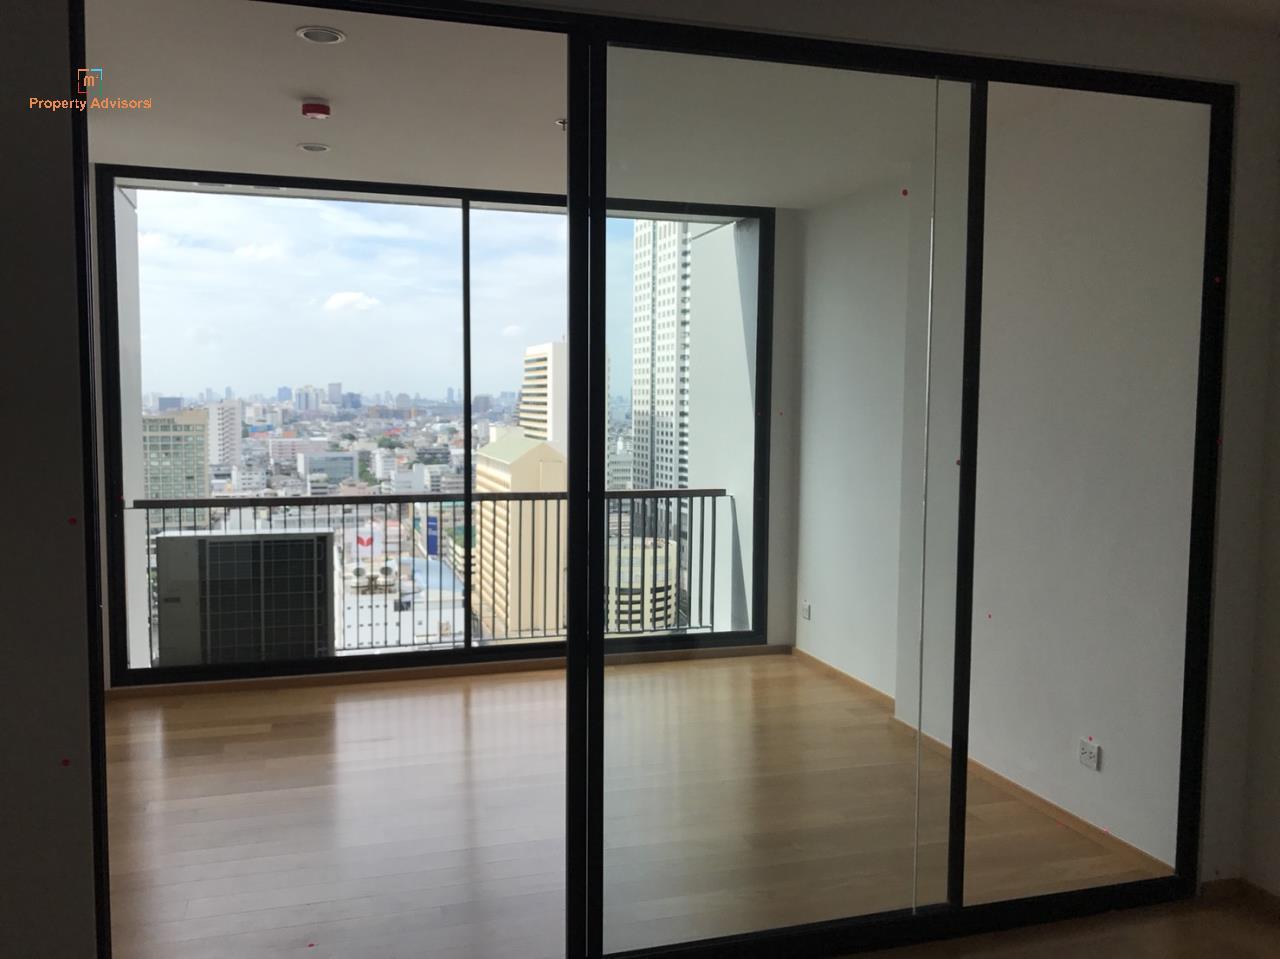 m2 Property Advisors Agency's Noble Revo Silom - New Super High floor room 2